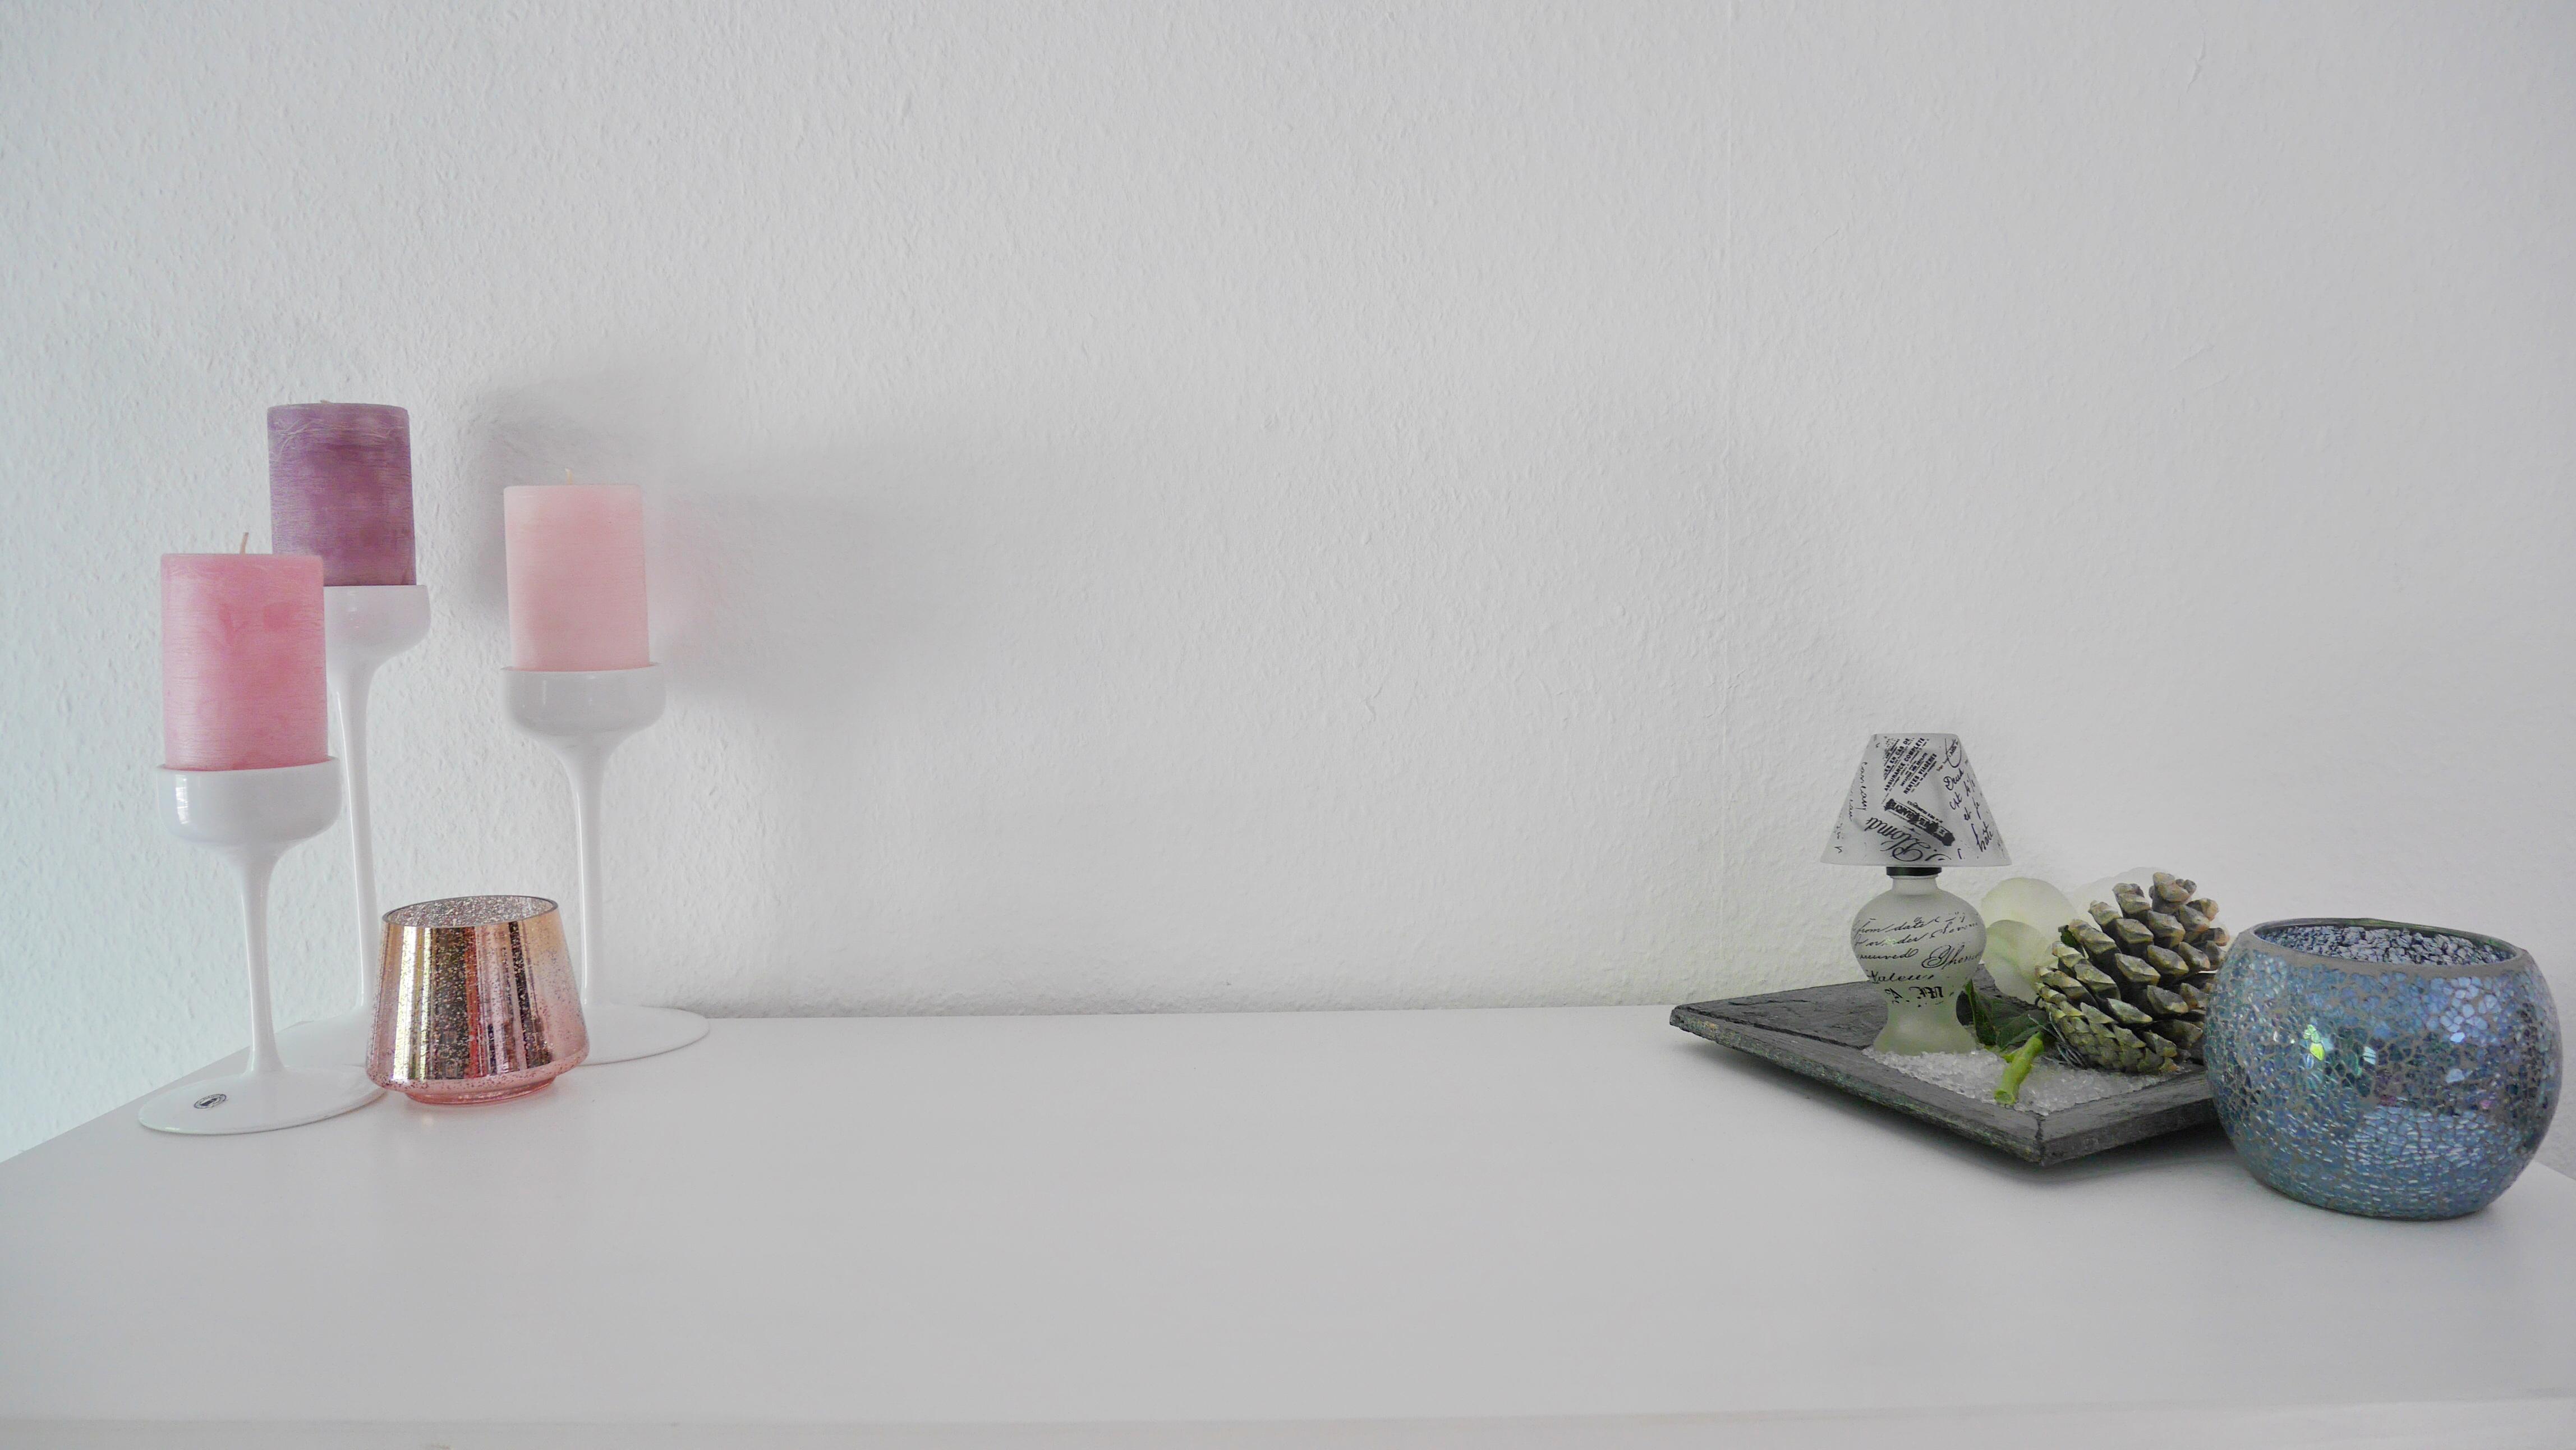 #frühjahrsputz #wohnzimmer #dekoration# schrank